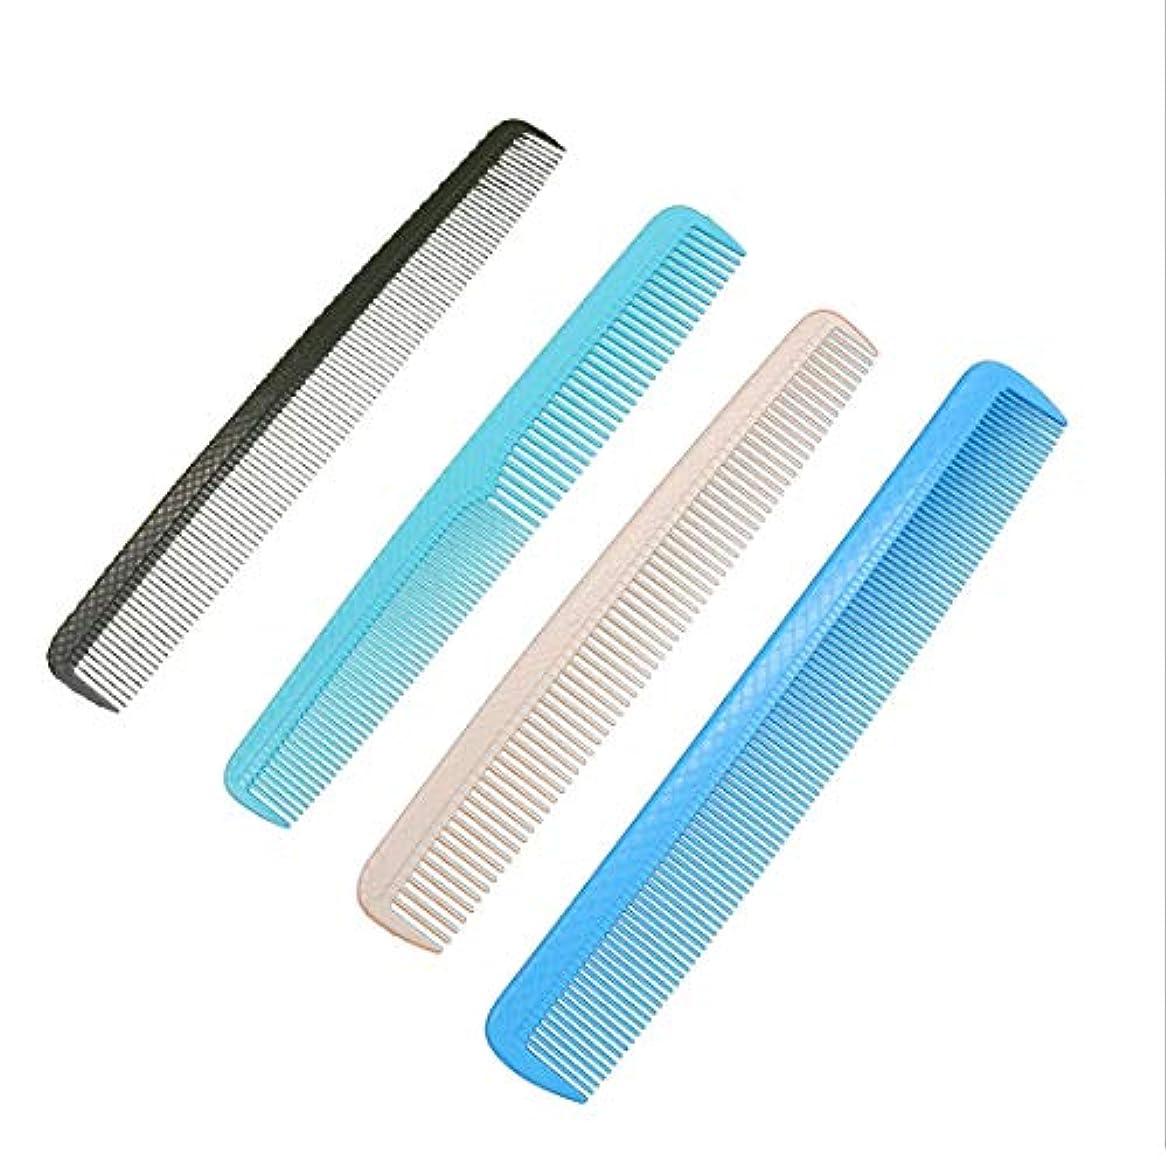 コンバーチブル認識行く(ランダムカラー)折りたたみ耐性くし - プラスチック毛くし帯電防止くし超薄型ハンドルくし - 粗いおよび細かい歯付きくし用女性または男性用くし モデリングツール (サイズ : A1)